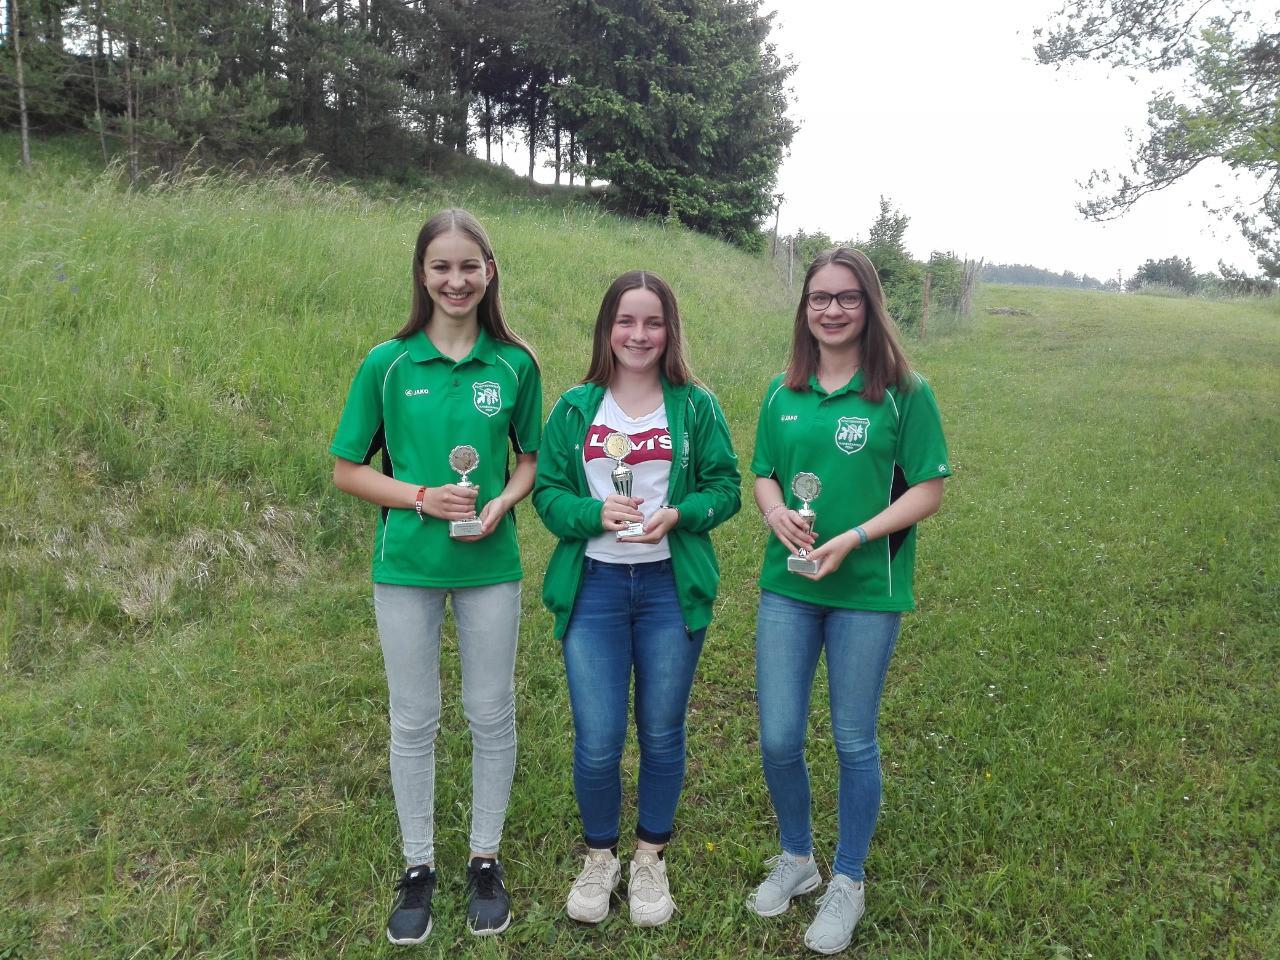 v.l.n.r. 3. VM Jugend Julia Meindl, 1. VM Anna Mittermeier, 2. VM Theresa Hetzenecker